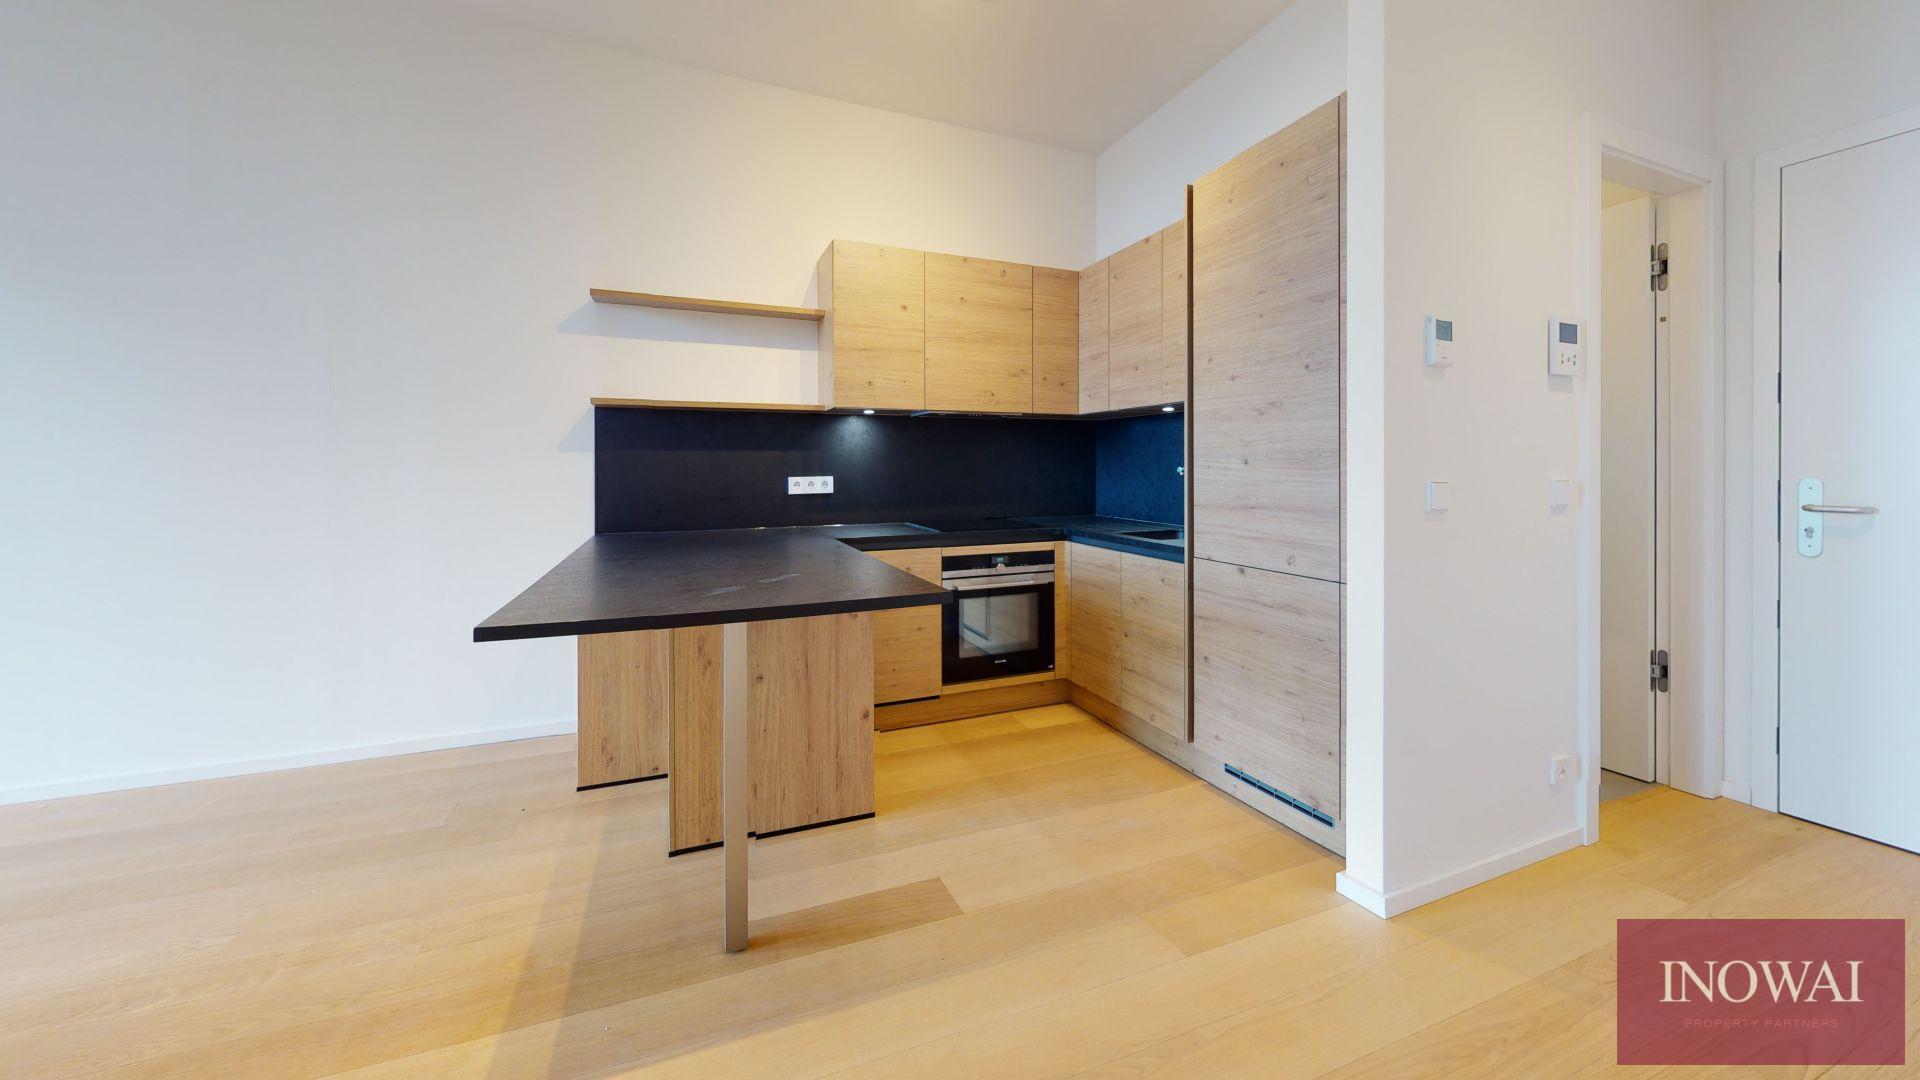 Appartement 1 chambre dans la tour Infinity Living